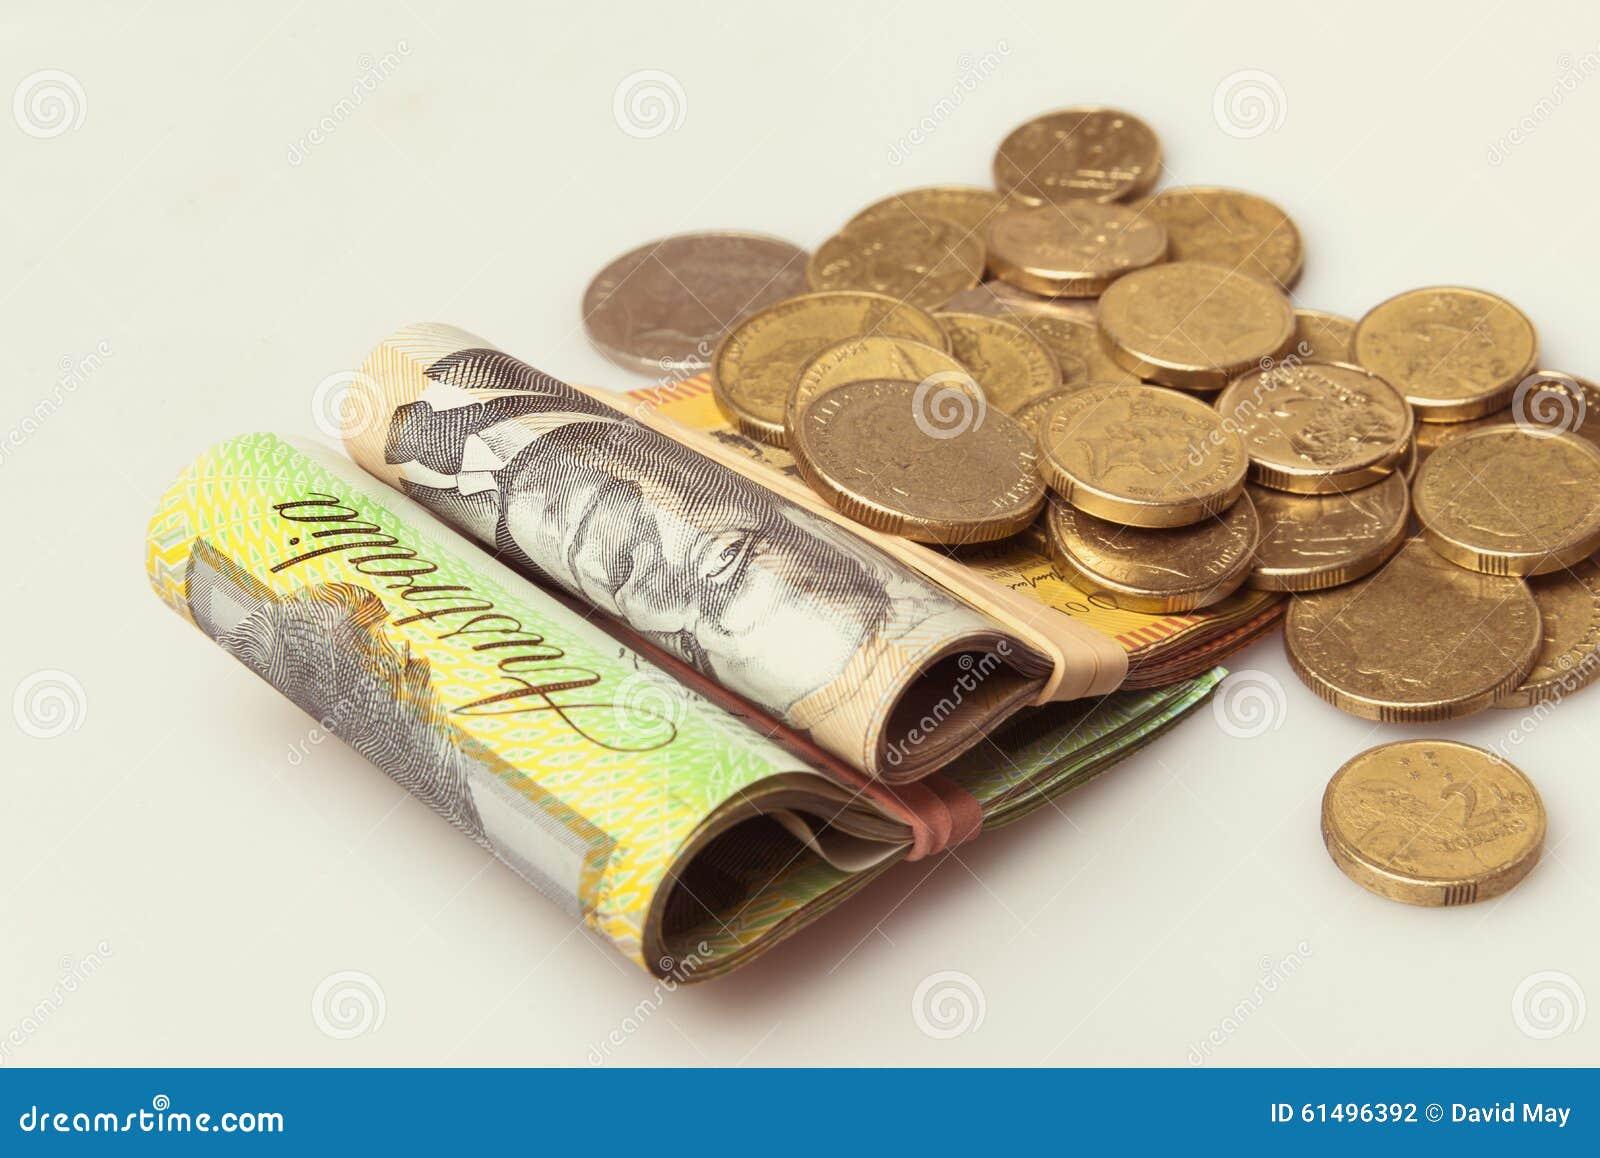 Billetes y monedas doblados dinero australiano